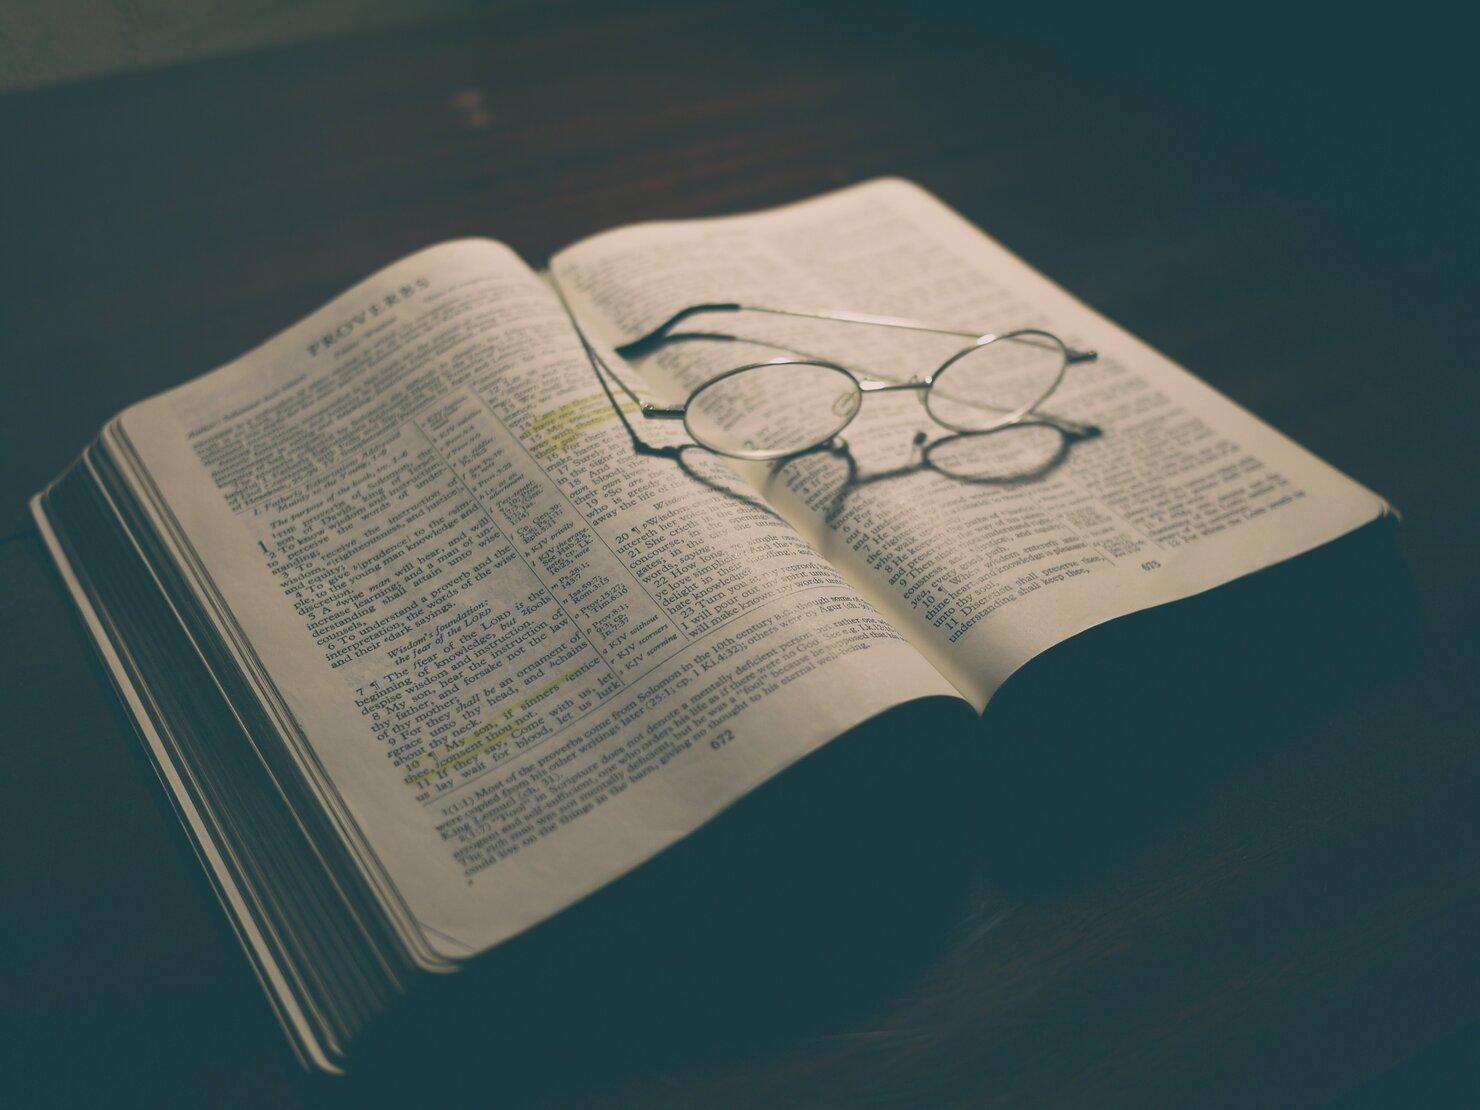 Sagradas Escrituras Biblia